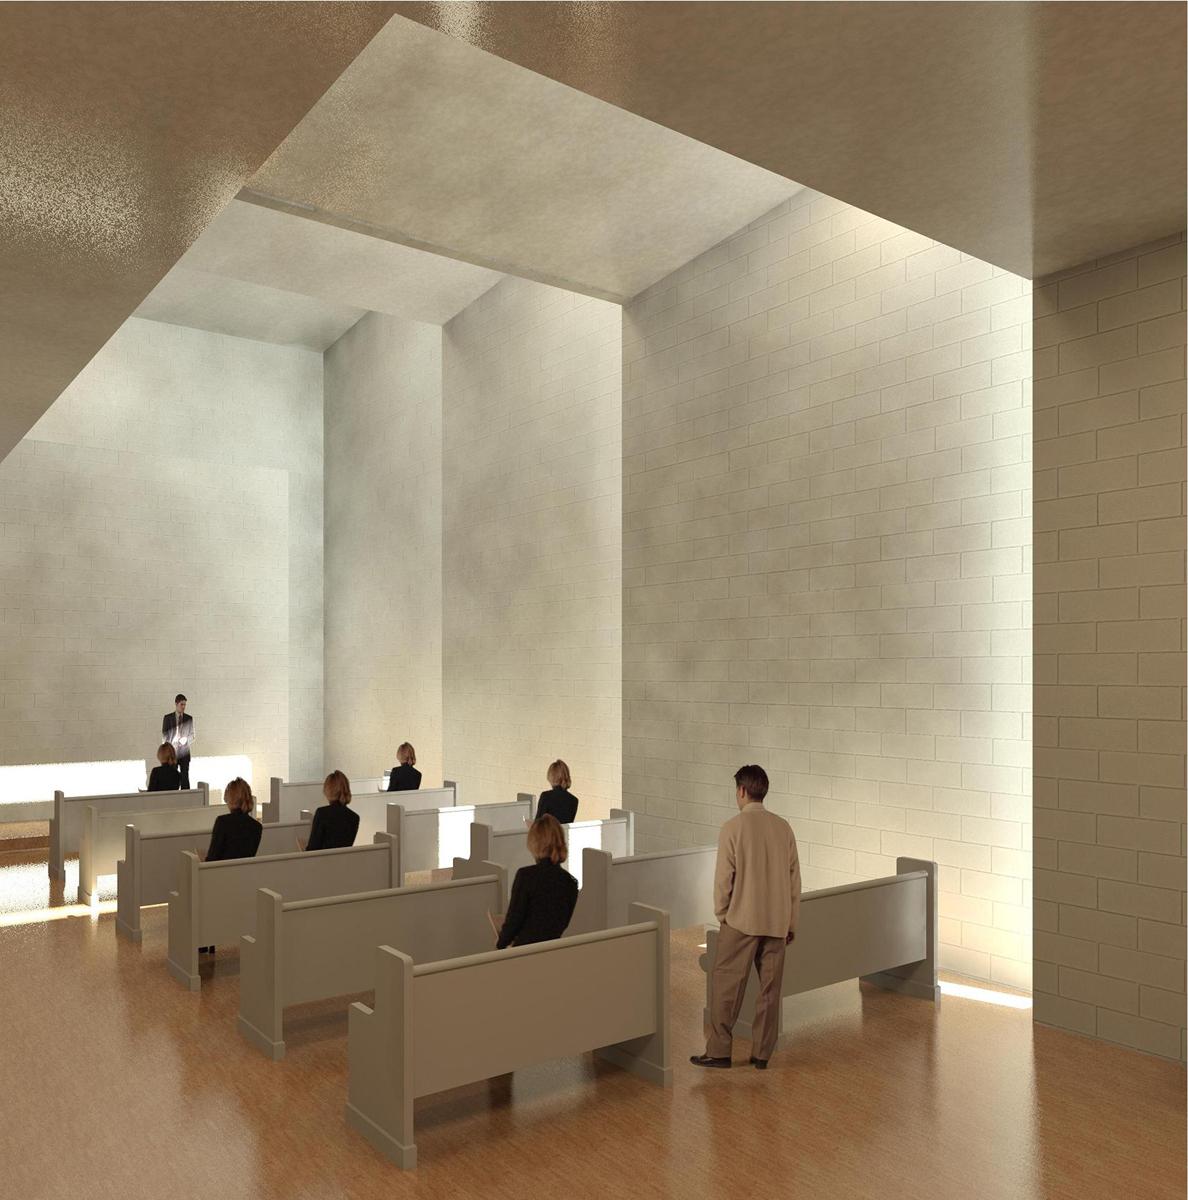 Revit Rendering - Worship Place